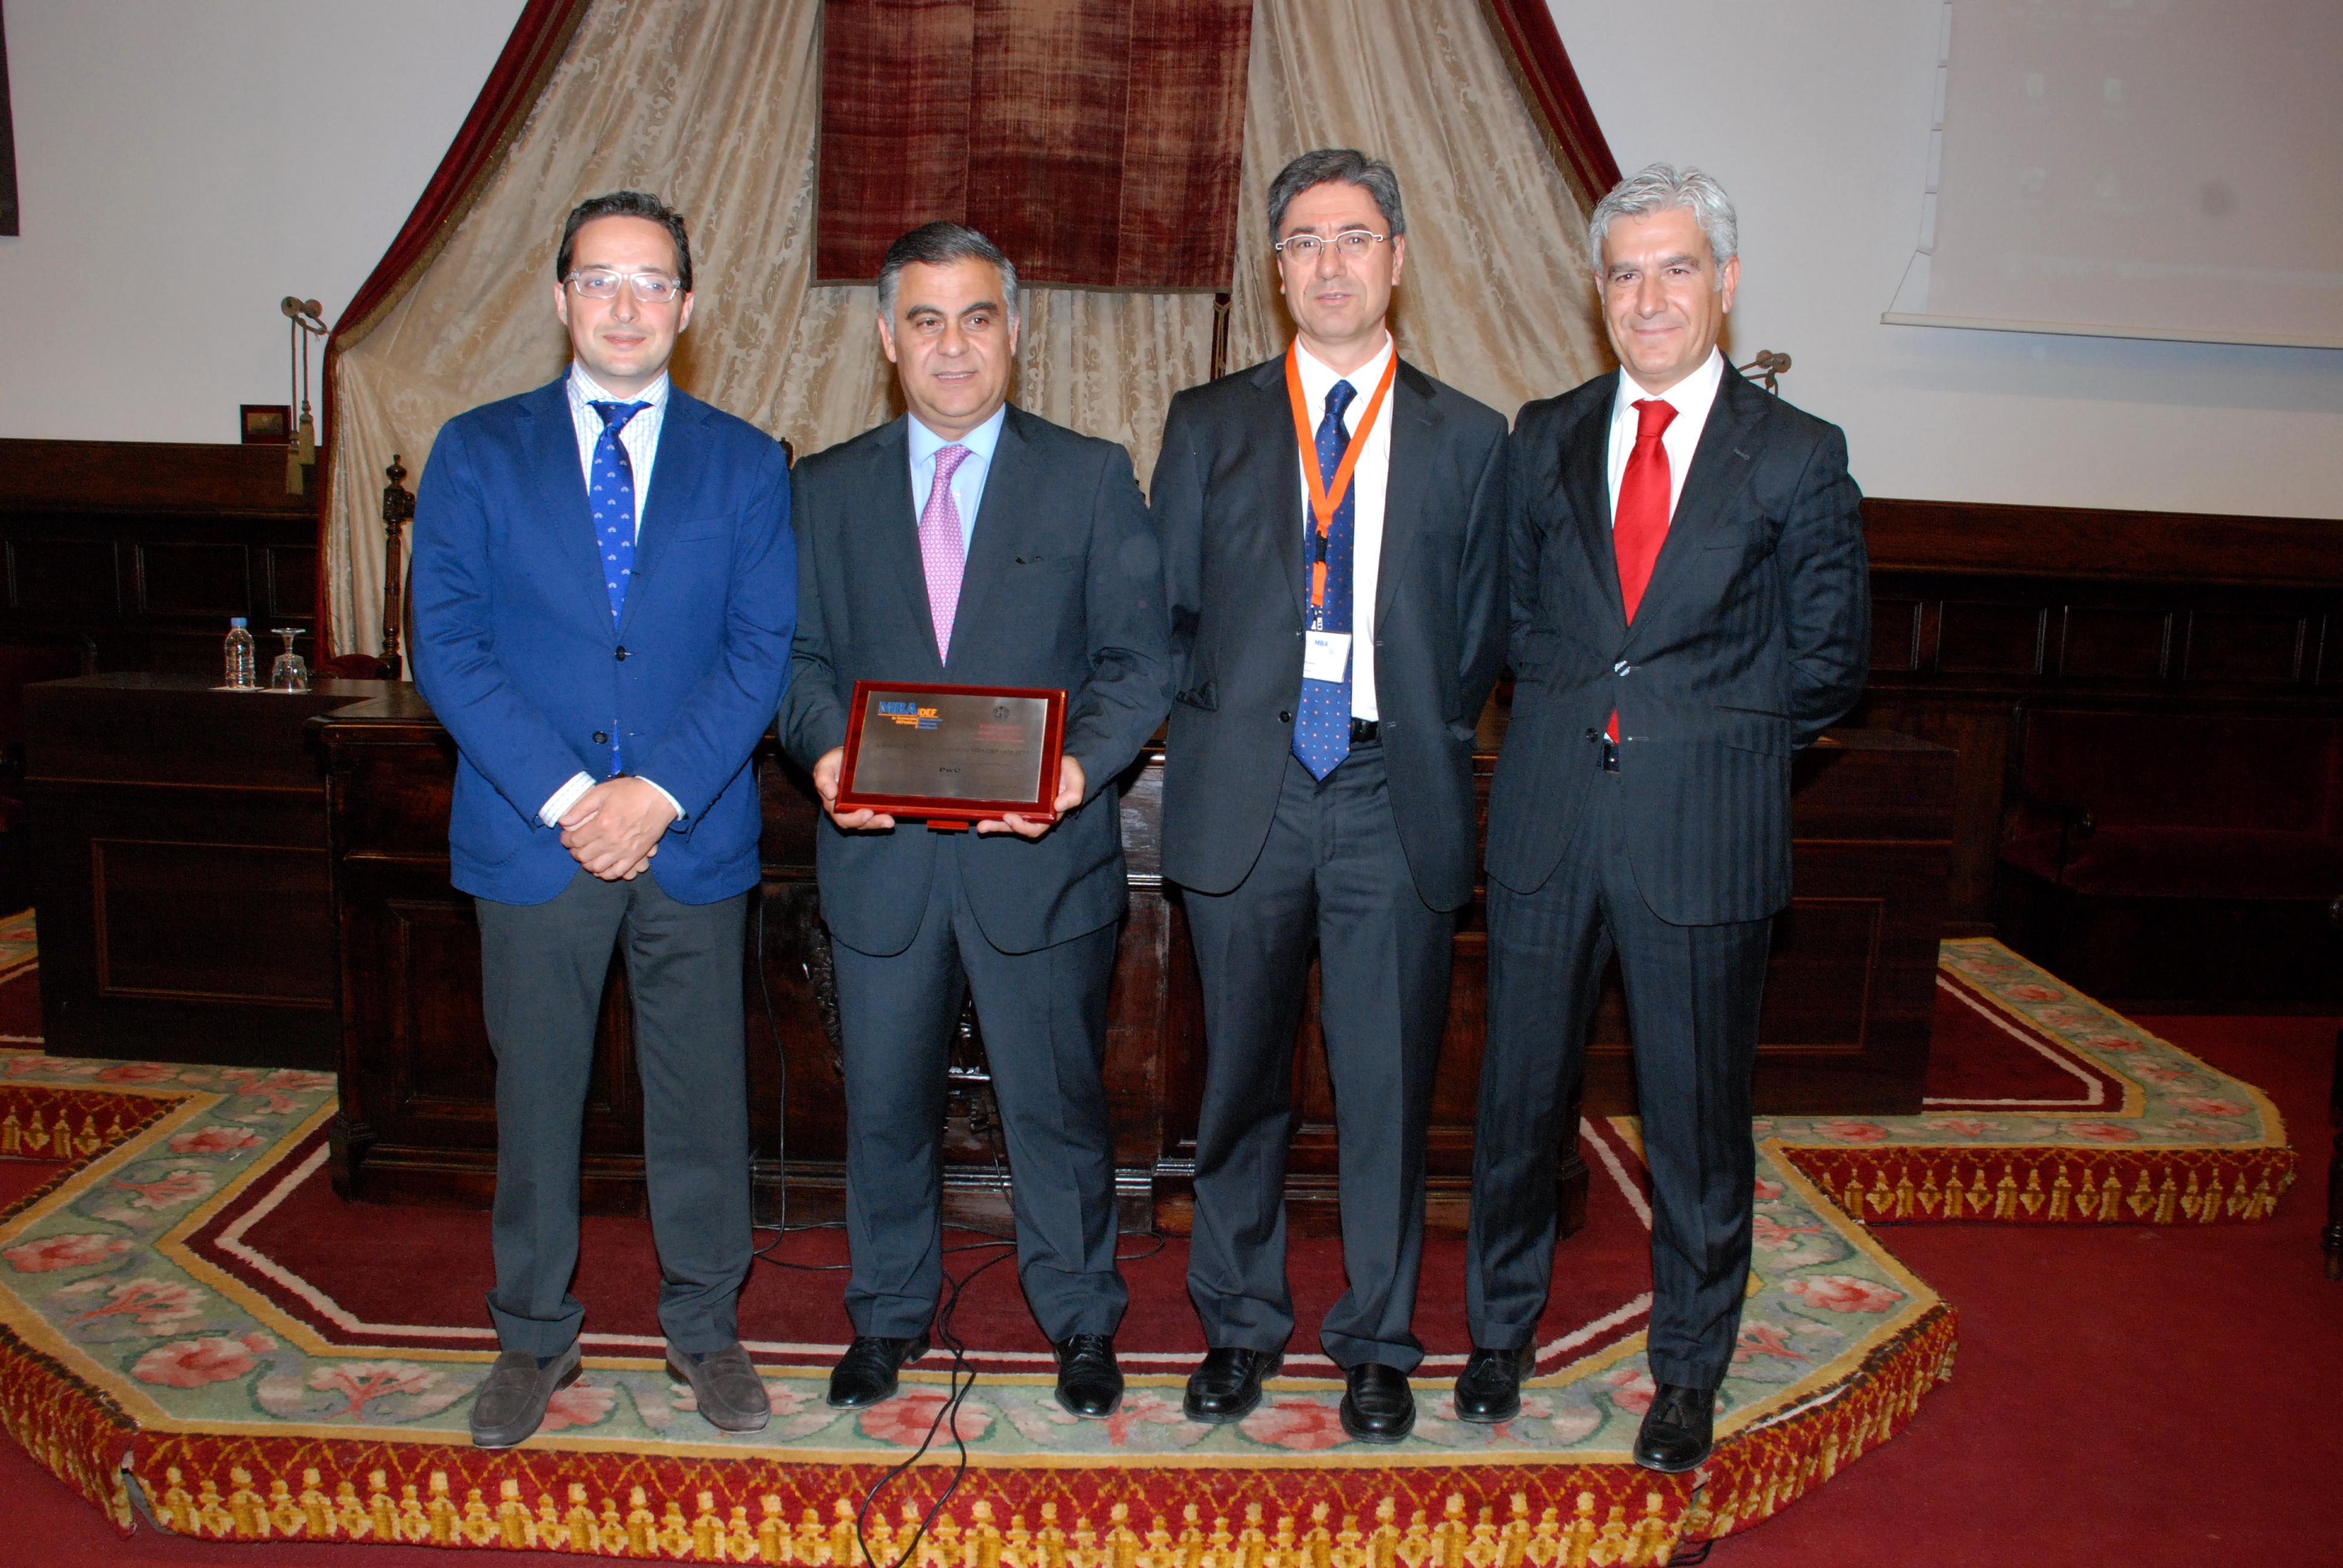 El MBA en Dirección de Empresas Familiares de la Universidad de Salamanca entrega el Premio Empresa Colaboradora MBA DEF a PwC